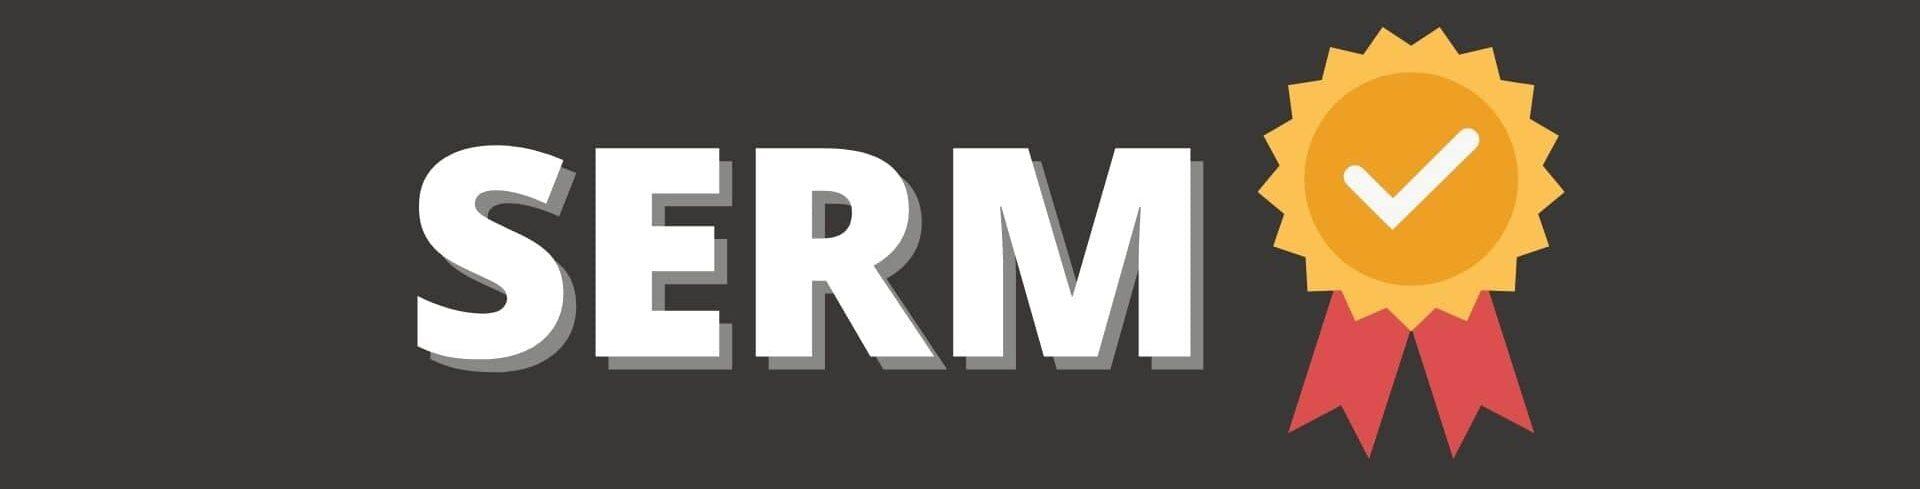 SERM управление репутацией онлайн Web-bees